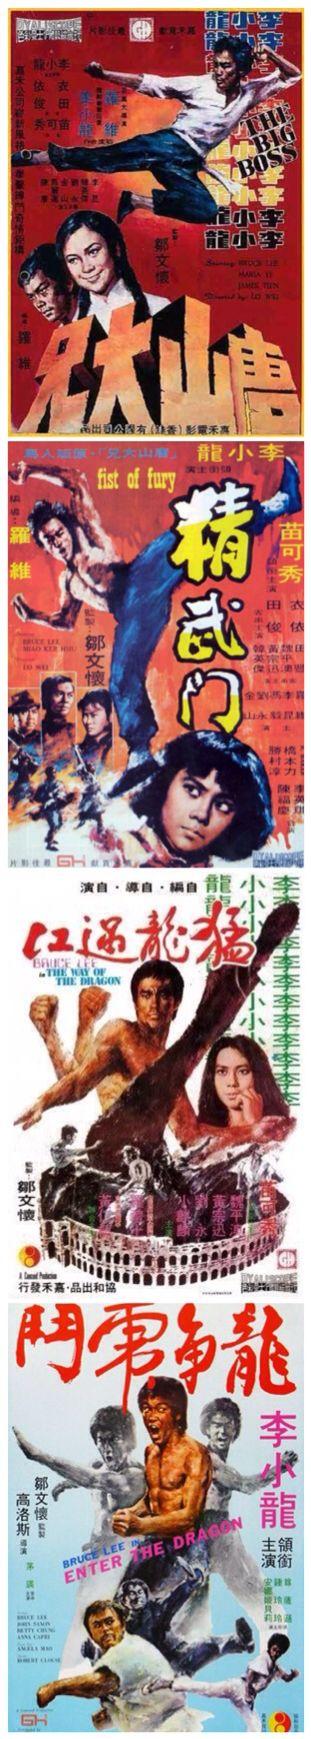 HK movie posters